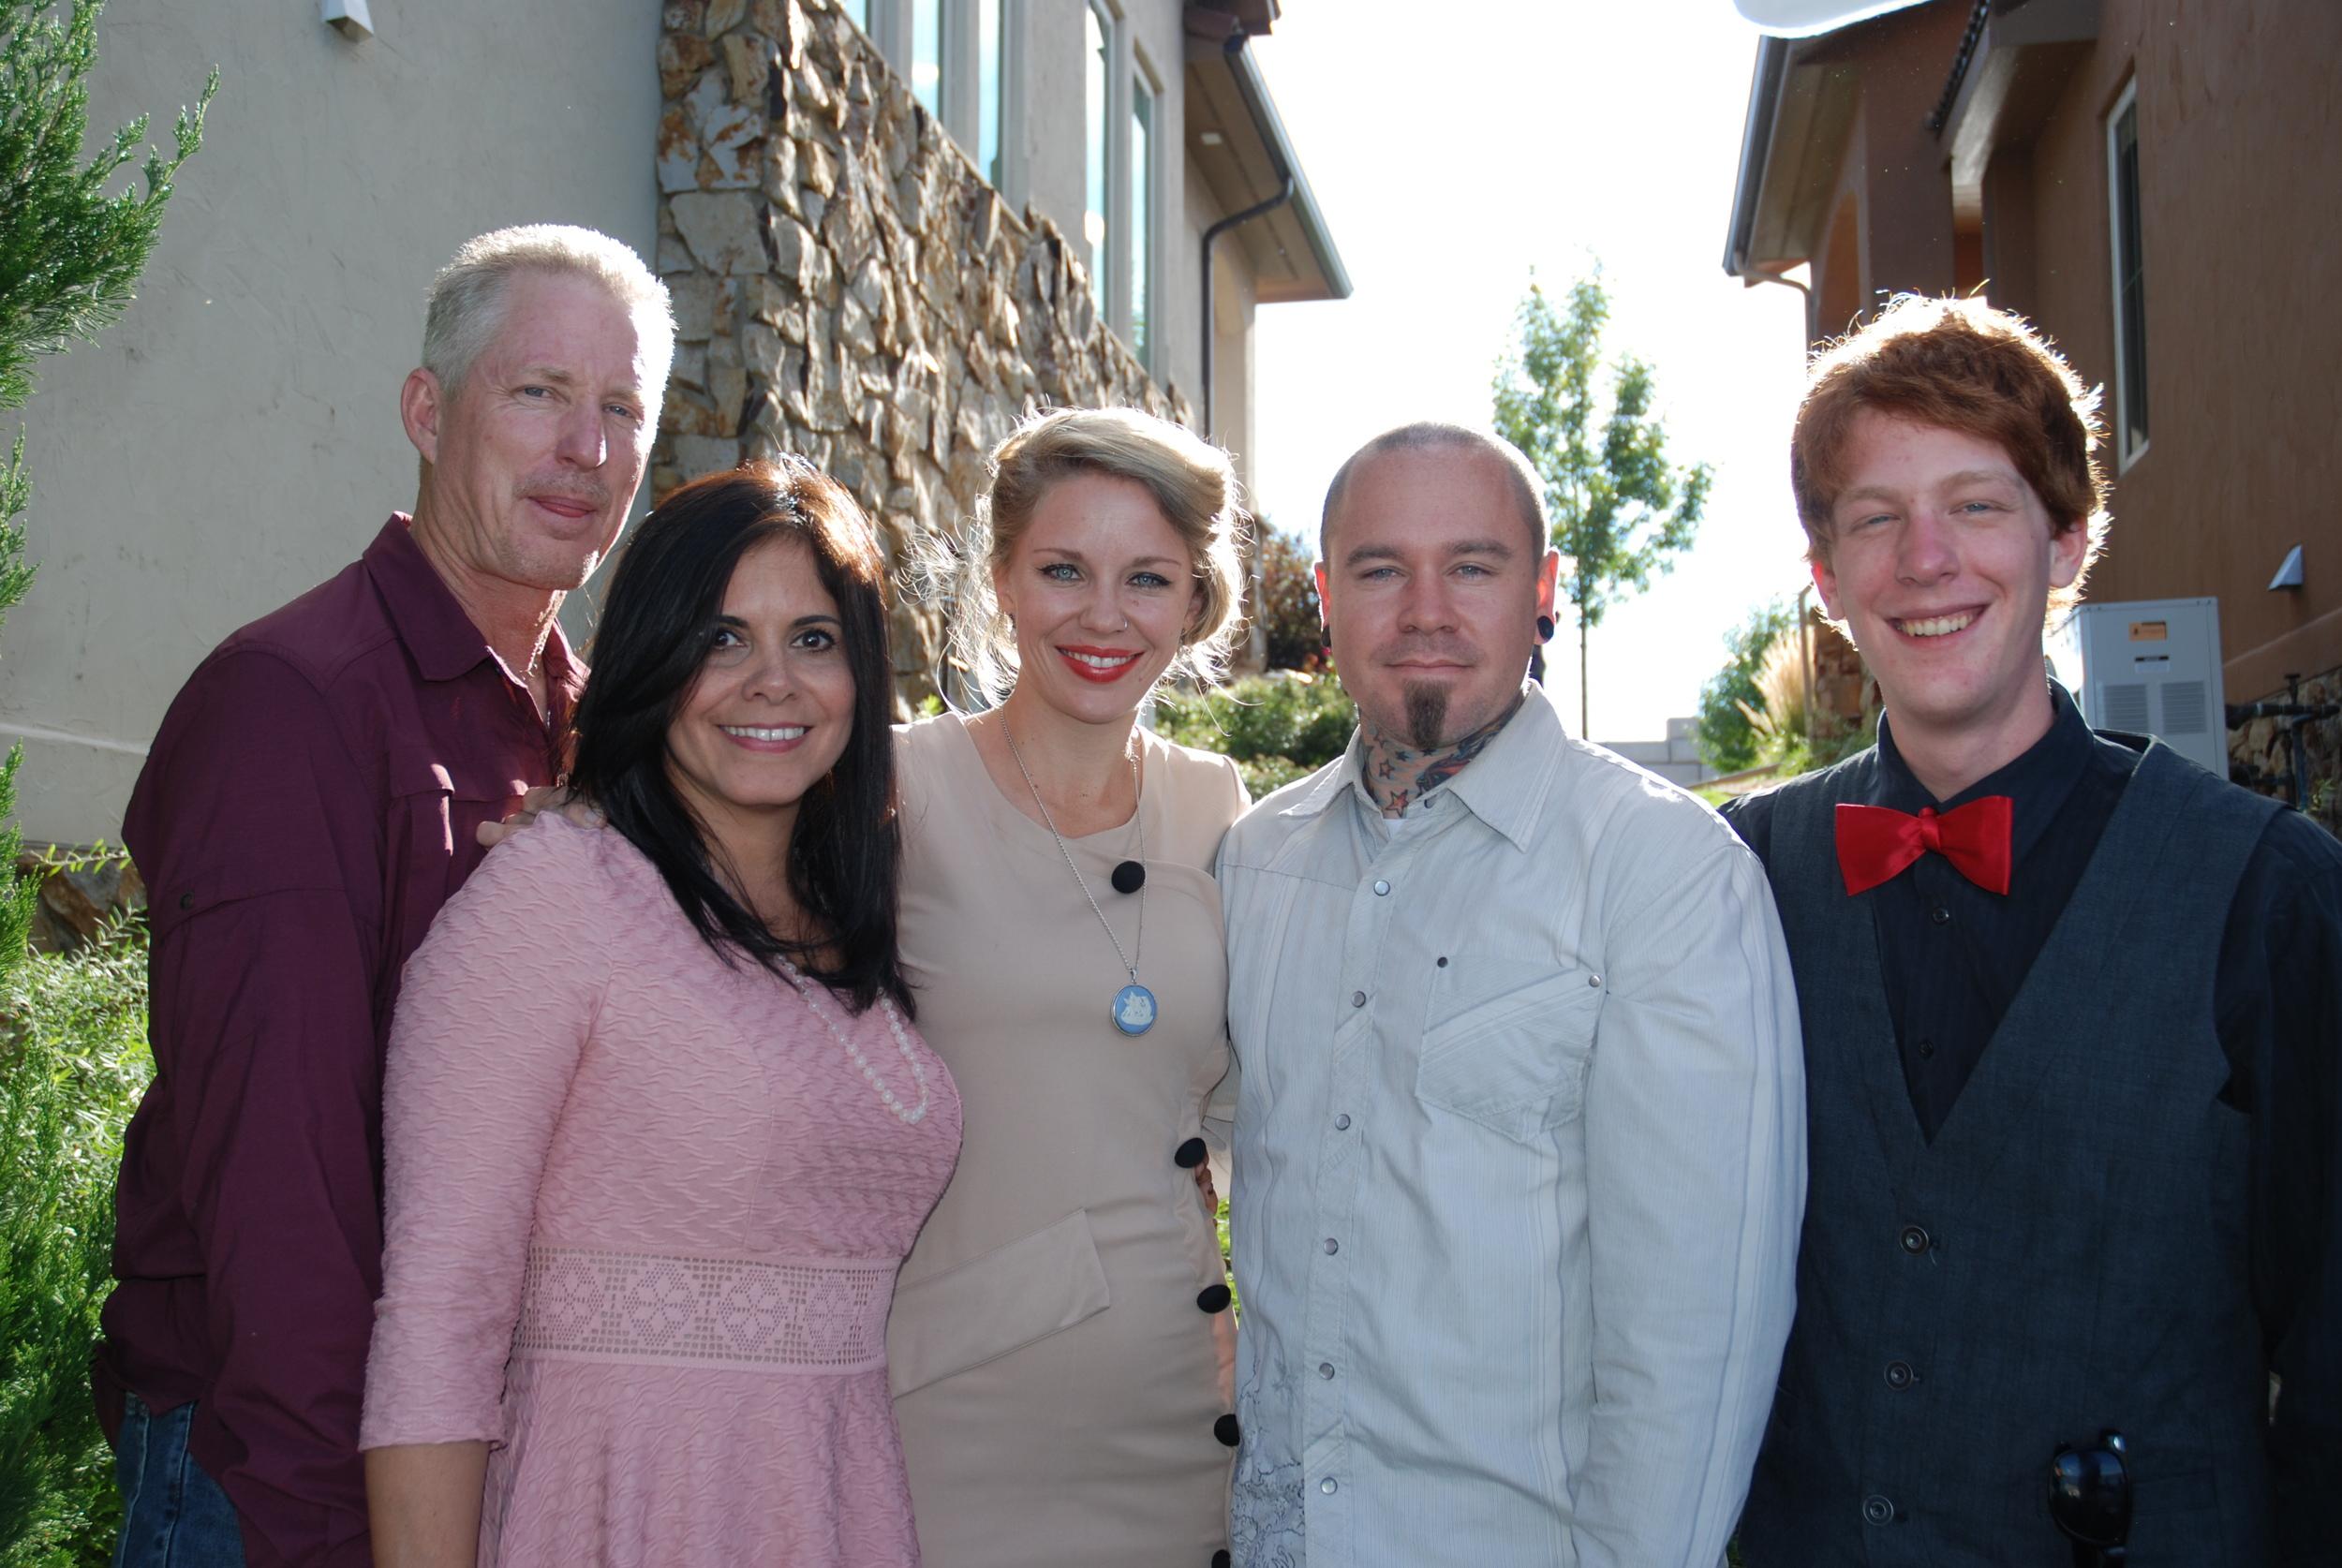 Doug and Zenaida, Sarah and Josh (Doug's daughter and her husband) and Nathaniel (Doug's son)